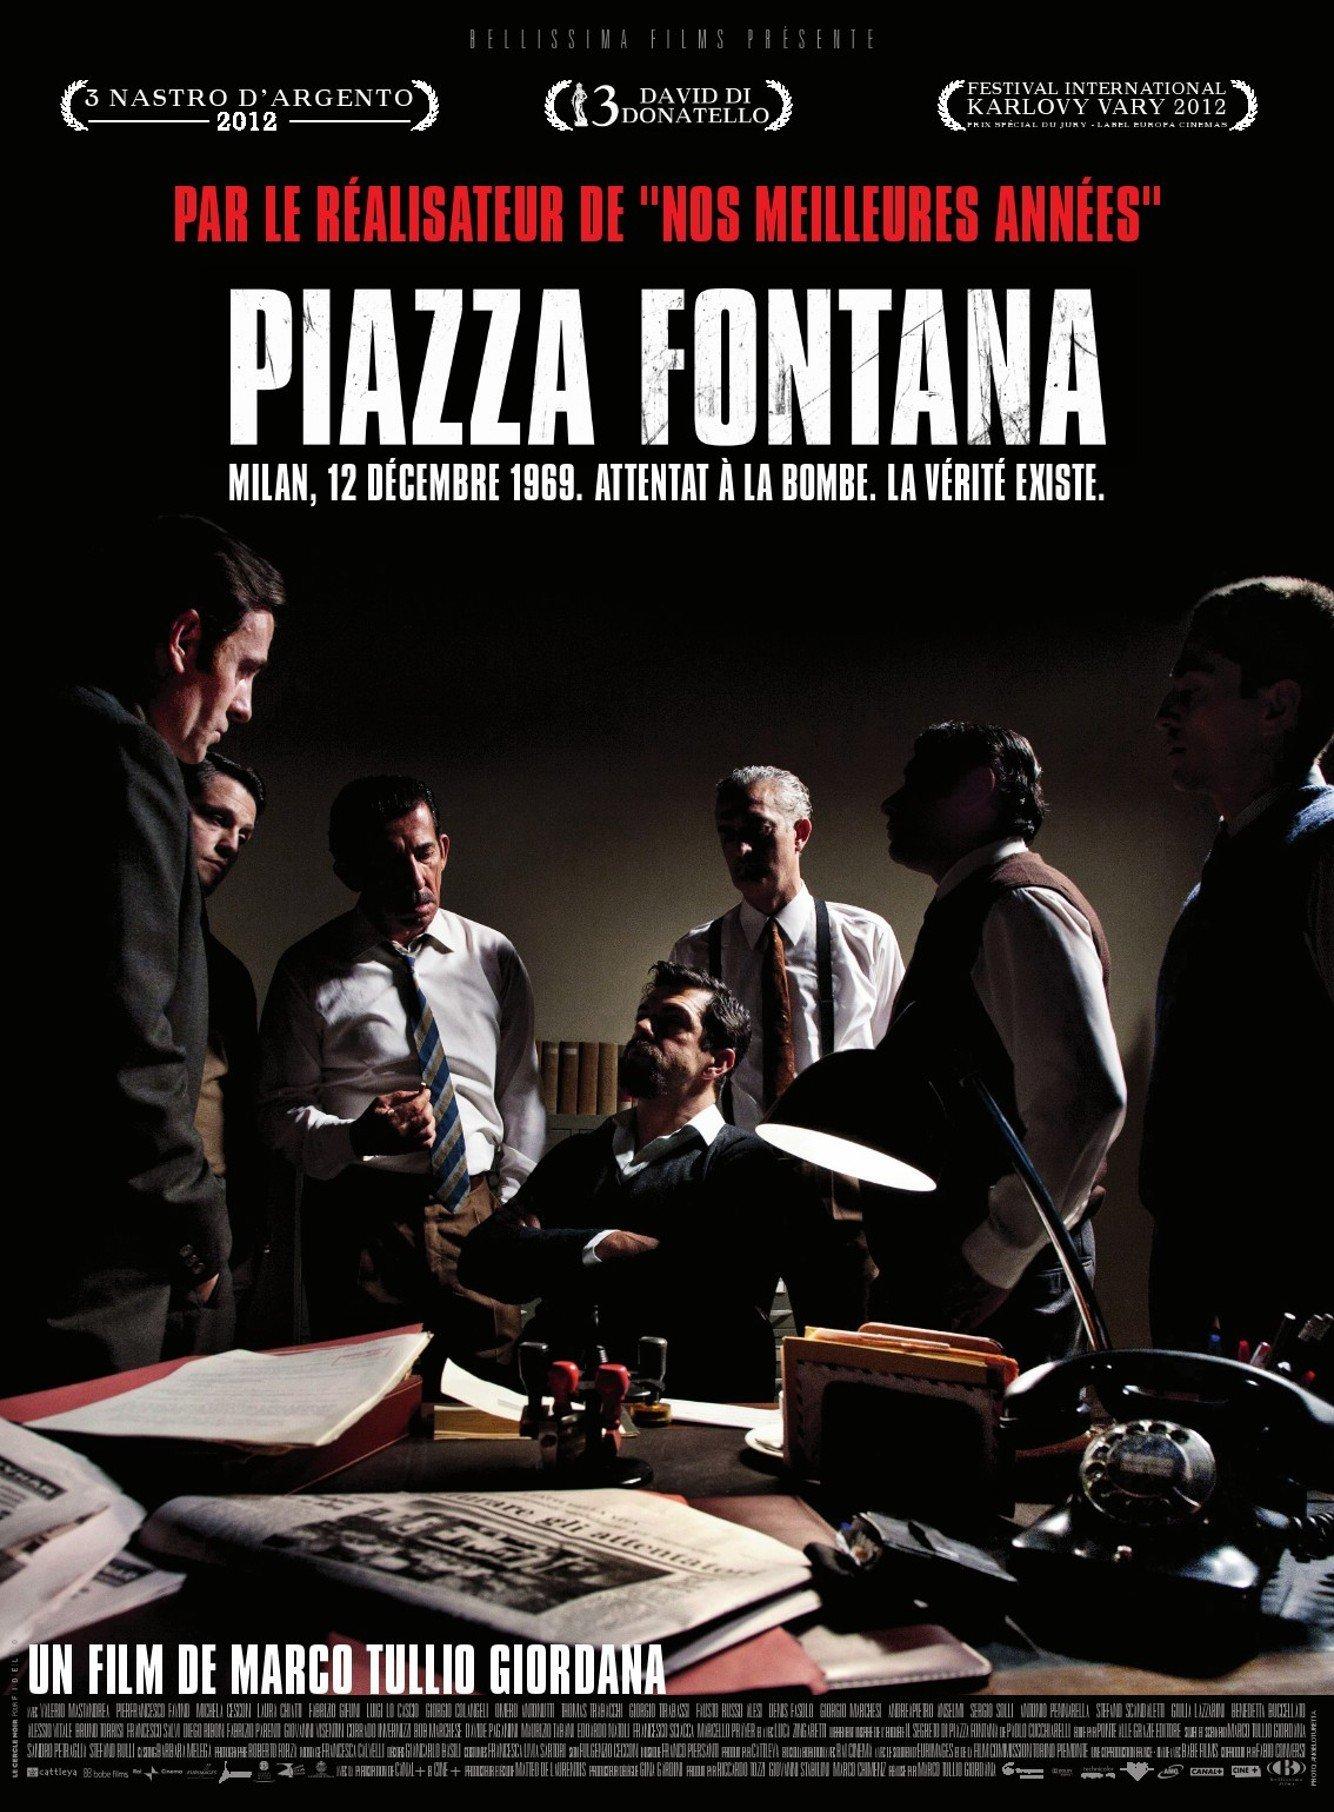 affiche du film Piazza Fontana